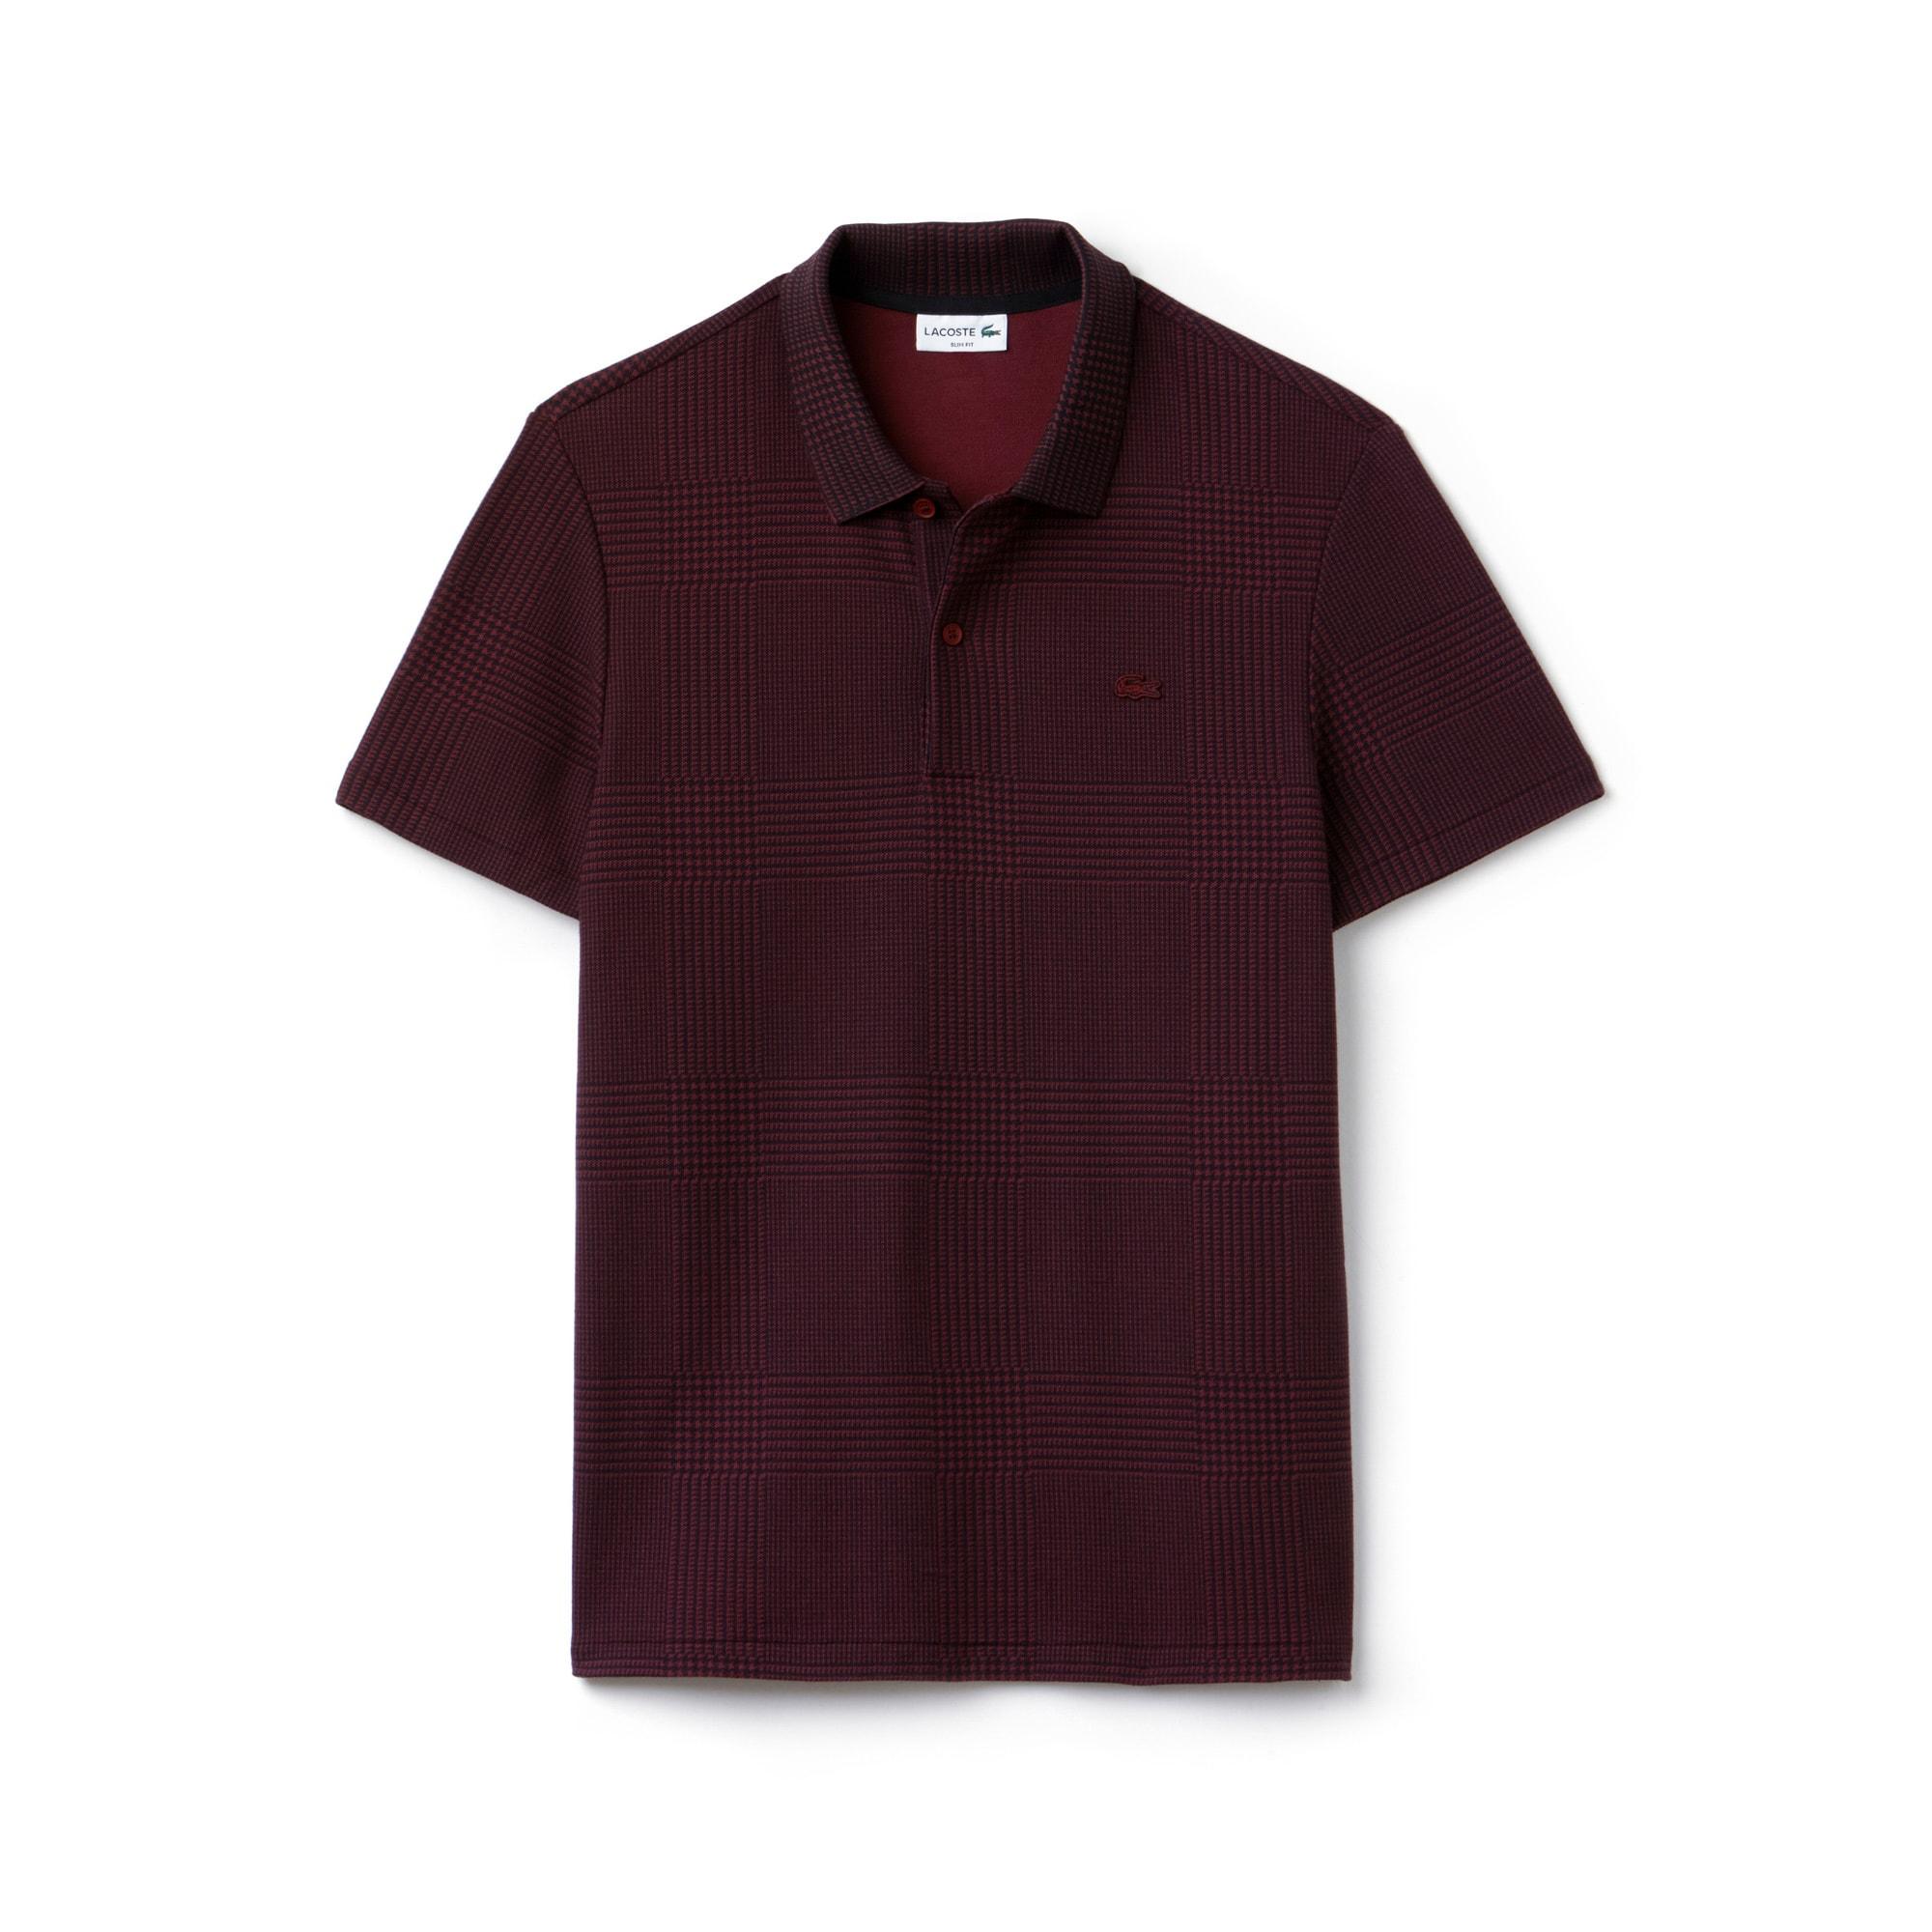 Slim Fit Herren-Poloshirt aus zweifarbigem Baumwoll-Piqué LACOSTE